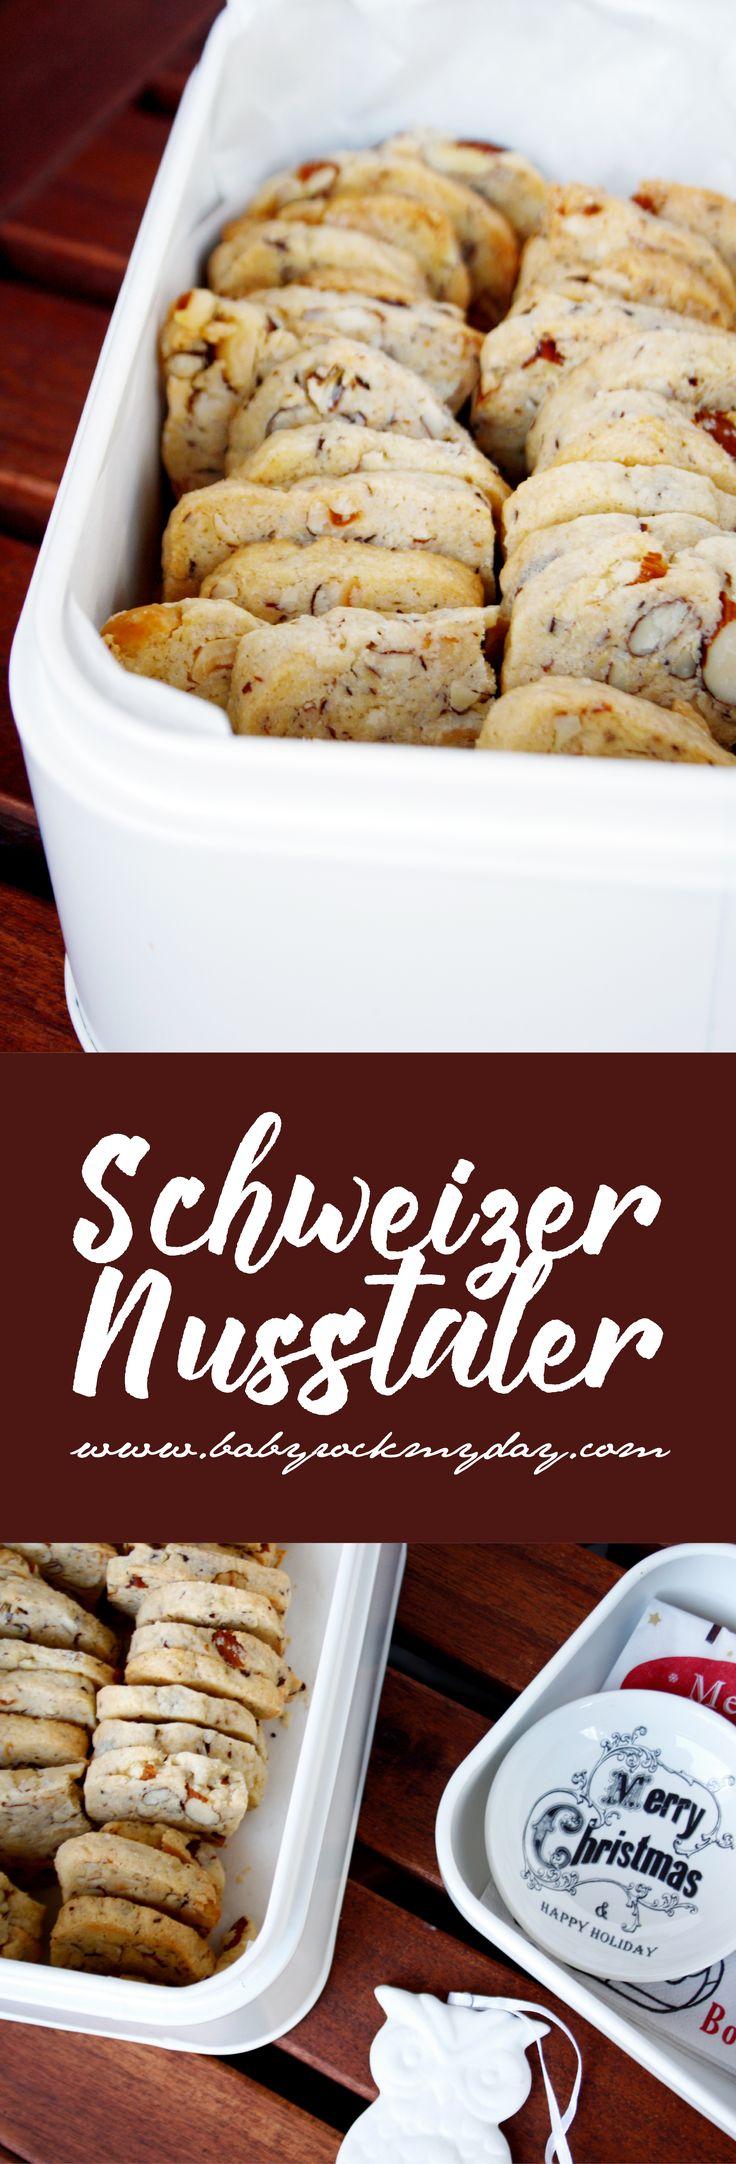 Schweizer Nusstaler sind die besten Begleiter in der Adventszeit. Rezept zu den leckeren Keksen auf www.babyrockmyday.com